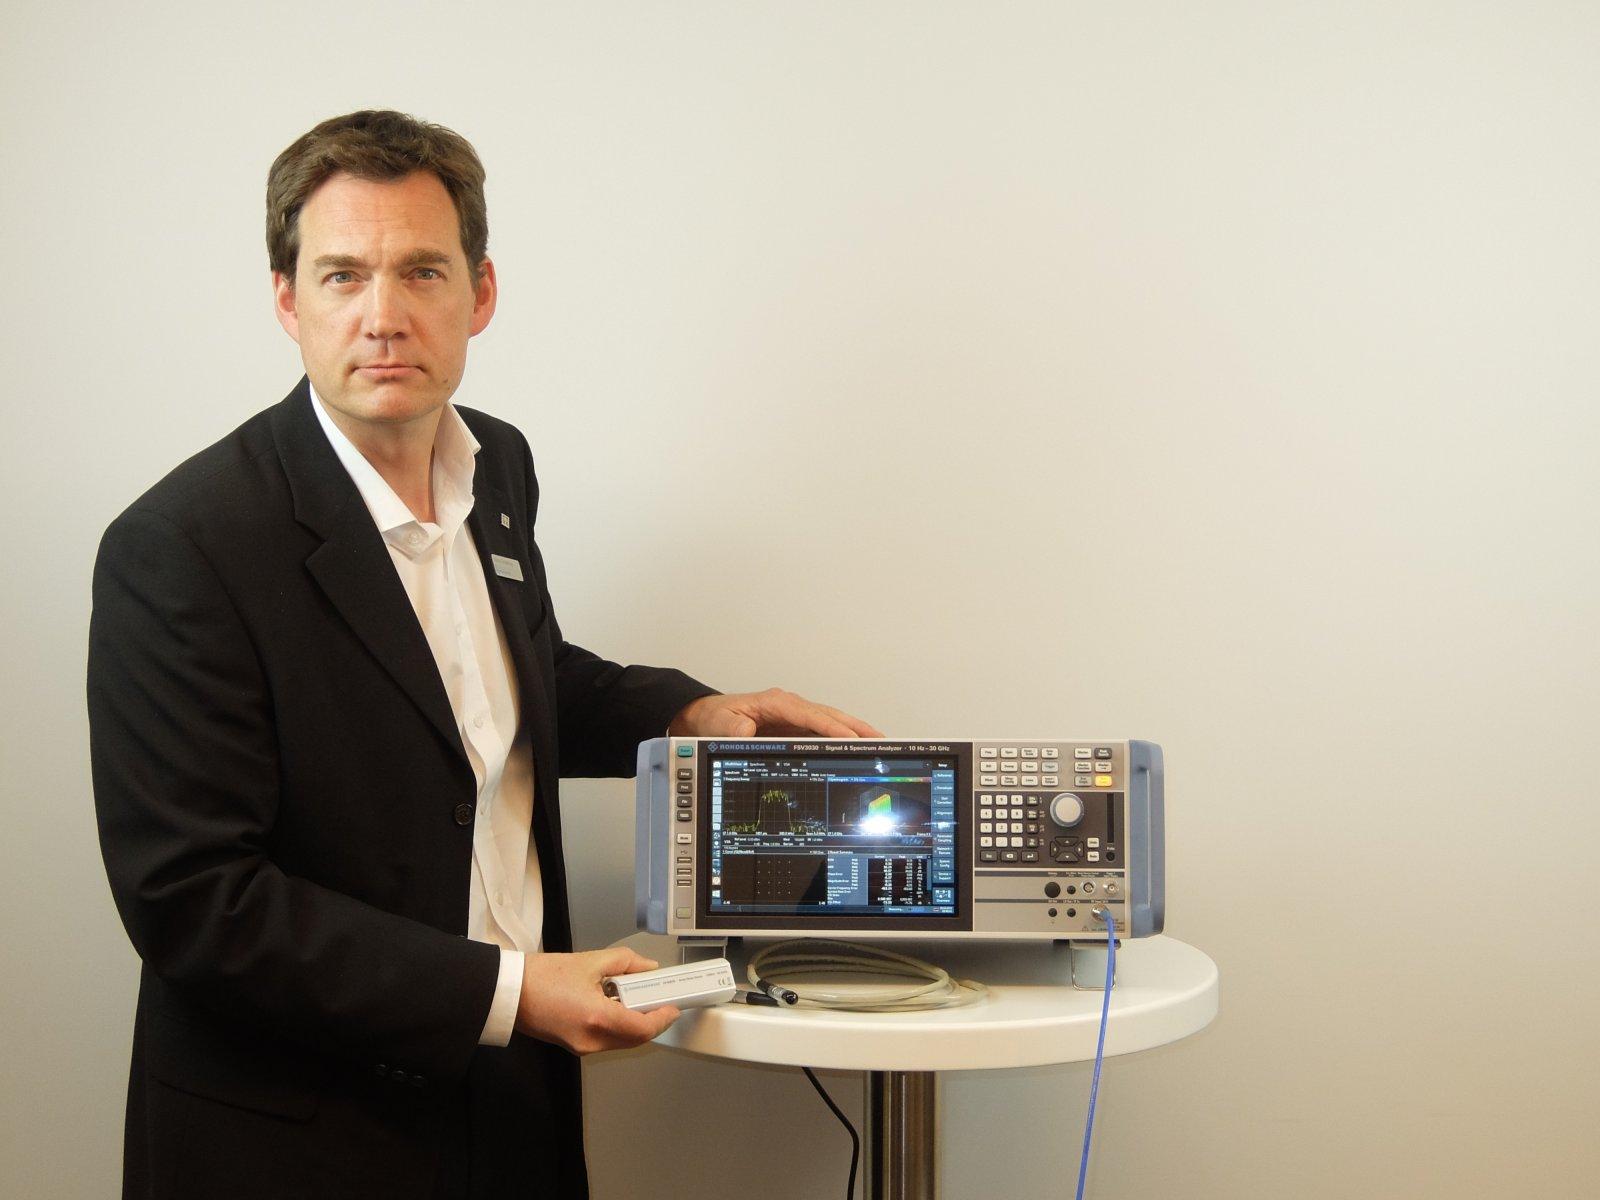 Новые анализаторы спектра R&S FSV3000 и R&S FSVA3000